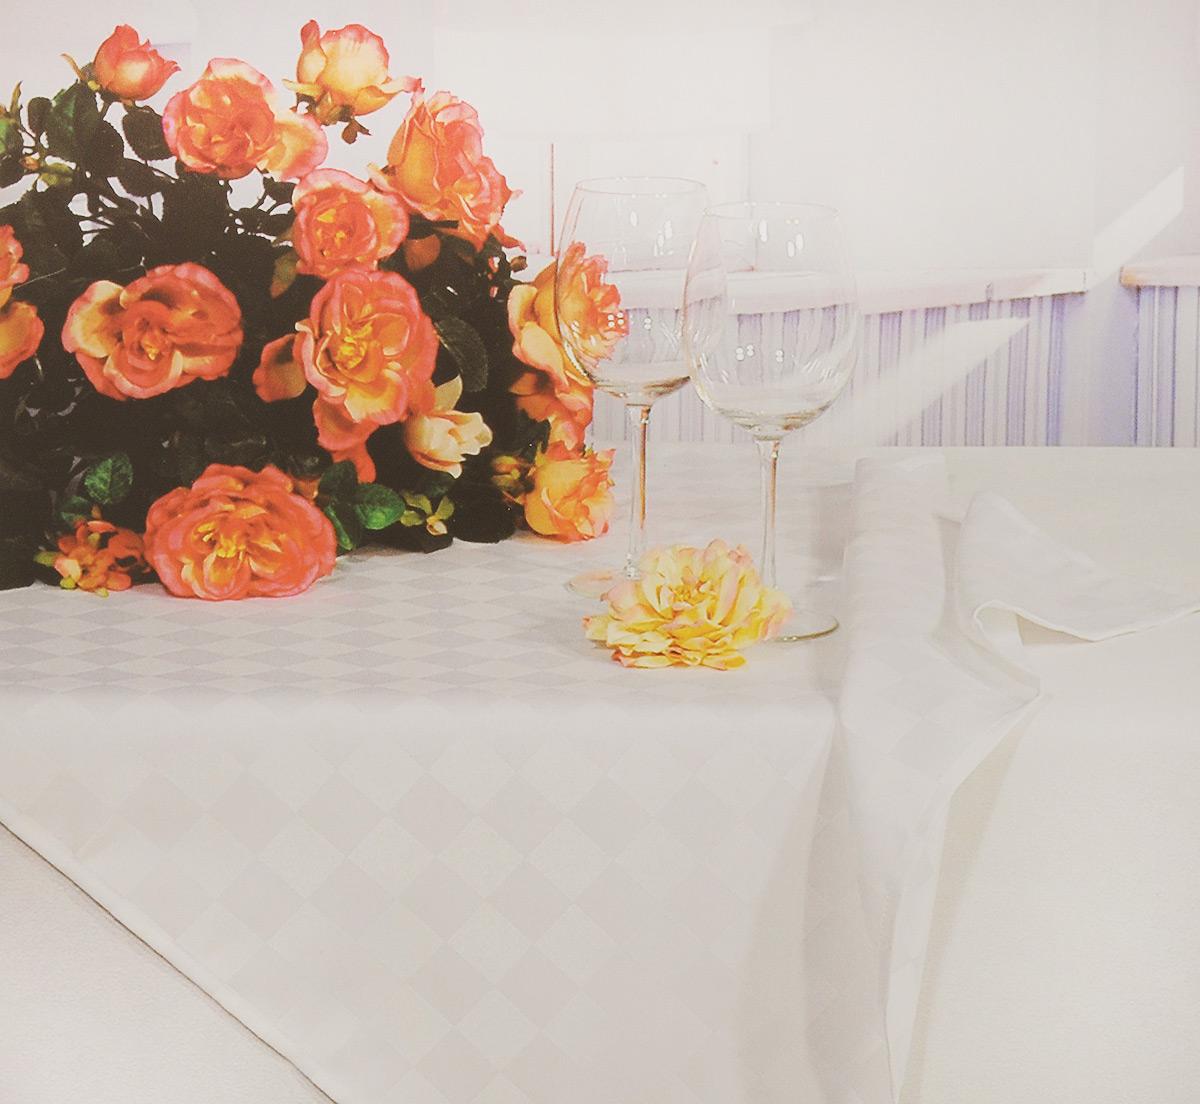 Скатерть Schaefer, прямоугольная, цвет: светло-бежевый, 160 x 220 см. 4169/FB.004169/FB.00 Скатерть, 160*220 смПрямоугольная скатерть Schaefer, выполненная из полиэстера с оригинальным рисунком, станет изысканным украшением кухонного стола. За текстилем из полиэстера очень легко ухаживать: он не мнется, не садится и быстро сохнет, легко стирается, более долговечен, чем текстиль из натуральных волокон.Использование такой скатерти сделает застолье торжественным, поднимет настроение гостей и приятно удивит их вашим изысканным вкусом. Также вы можете использовать эту скатерть для повседневной трапезы, превратив каждый прием пищи в волшебный праздник и веселье. Это текстильное изделие станет изысканным украшением вашего дома!